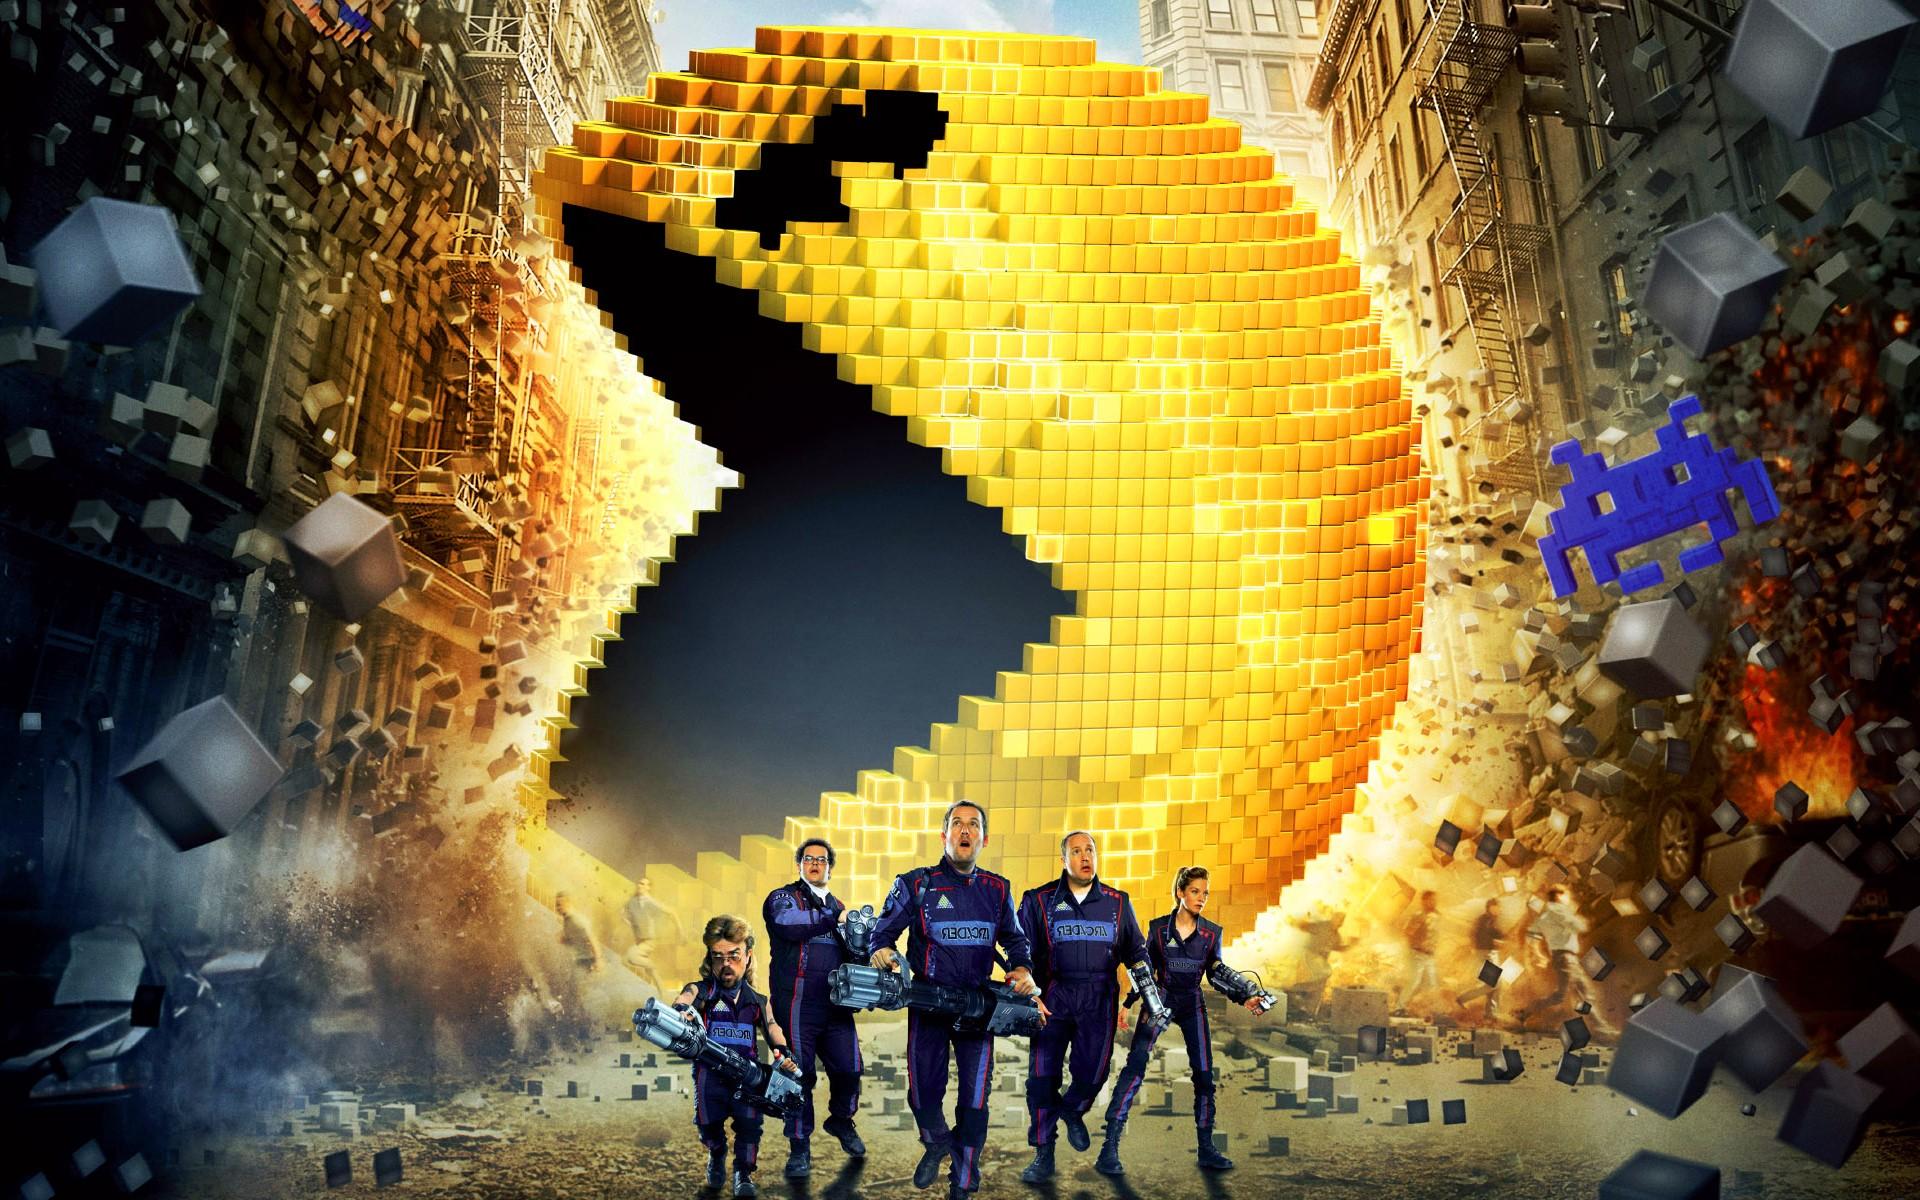 Wonderful Wallpaper Movie Pixels - pixels-movie  2018_37206.jpg